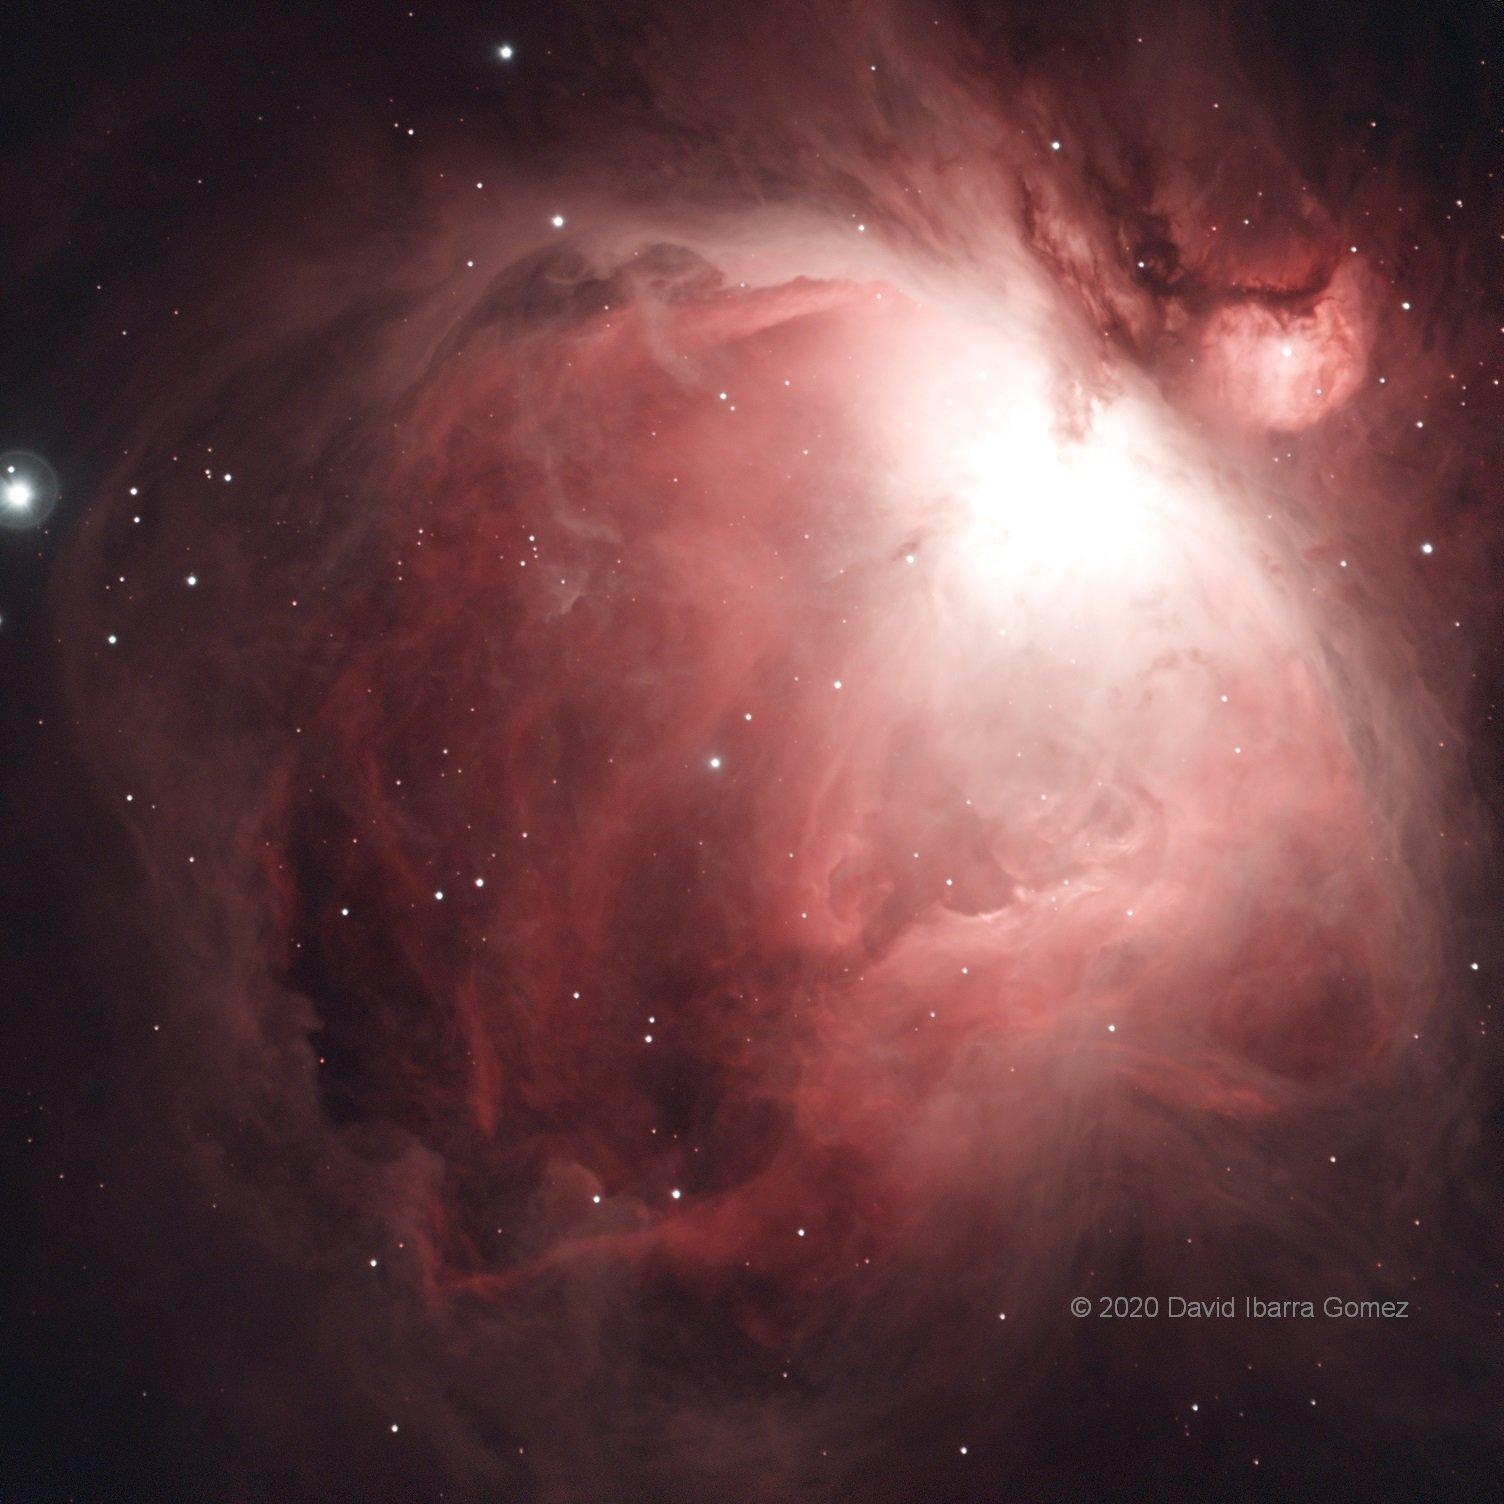 M42 - David Ibarra